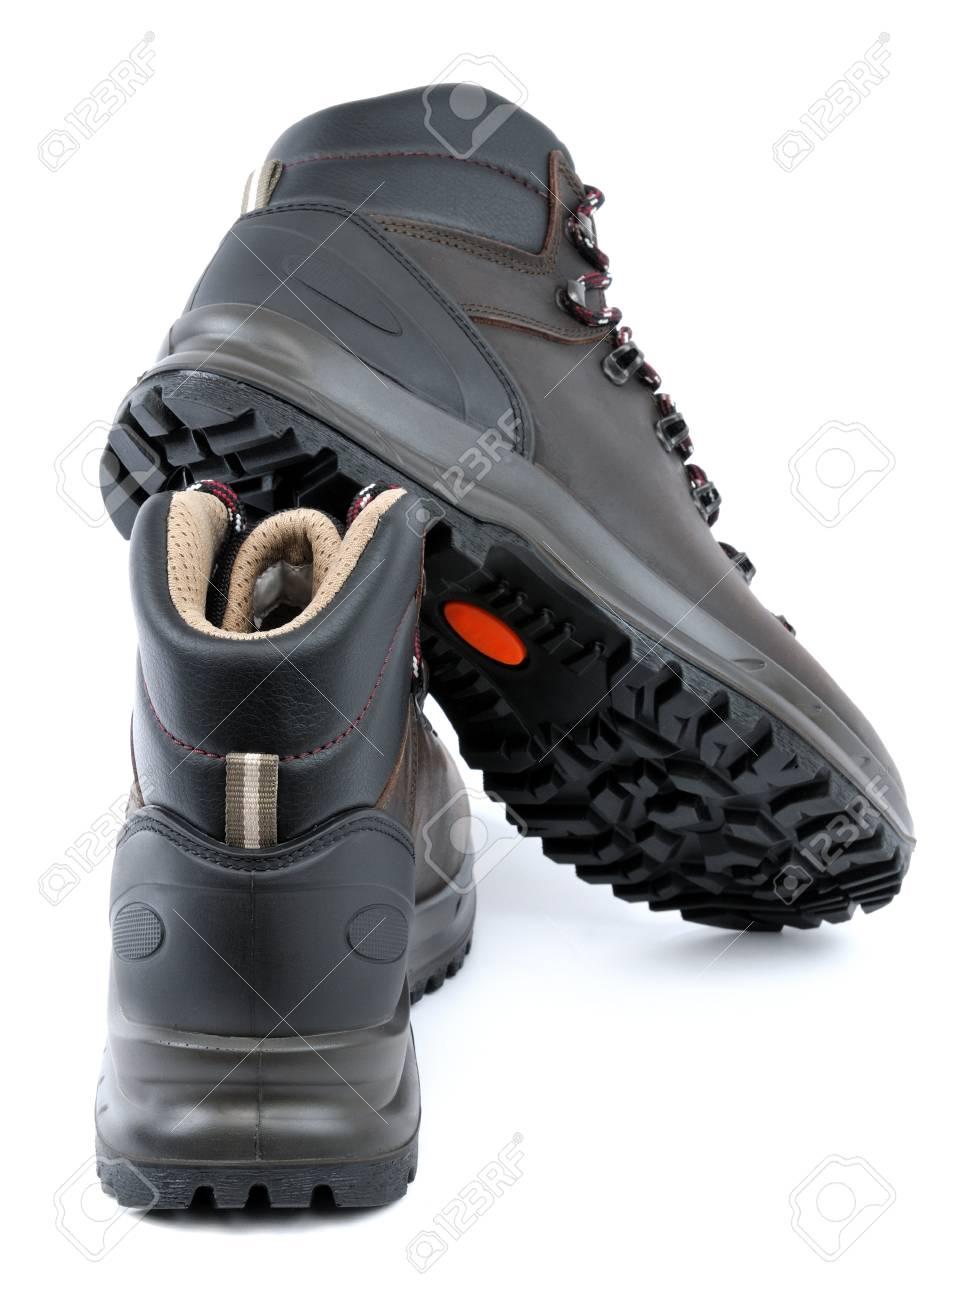 Waterproof Trekking Shoes Men's Leather